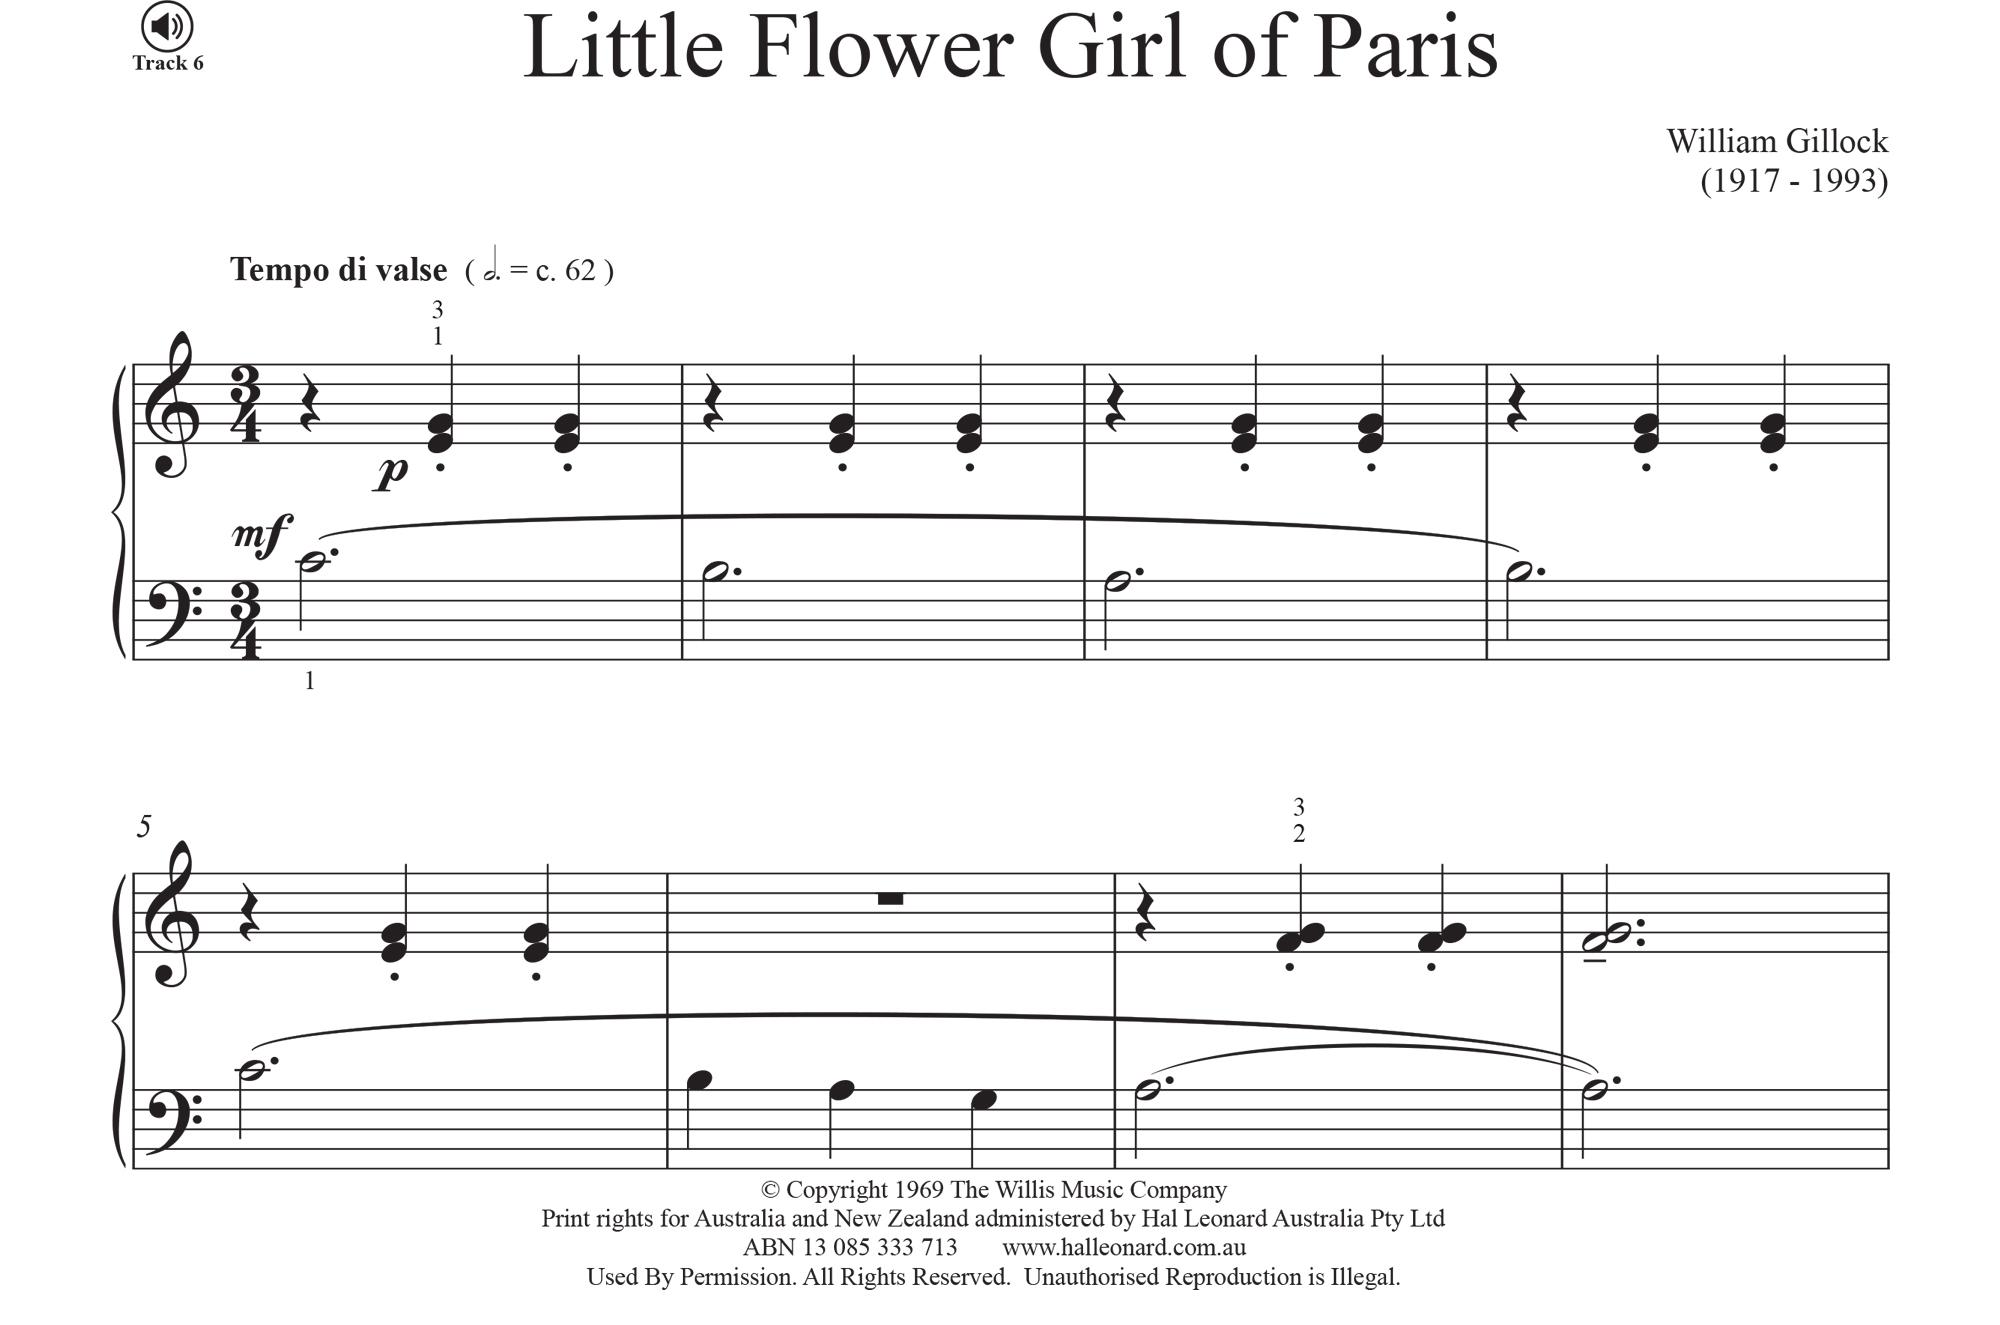 Little Flower Girl of Paris - William Gillock